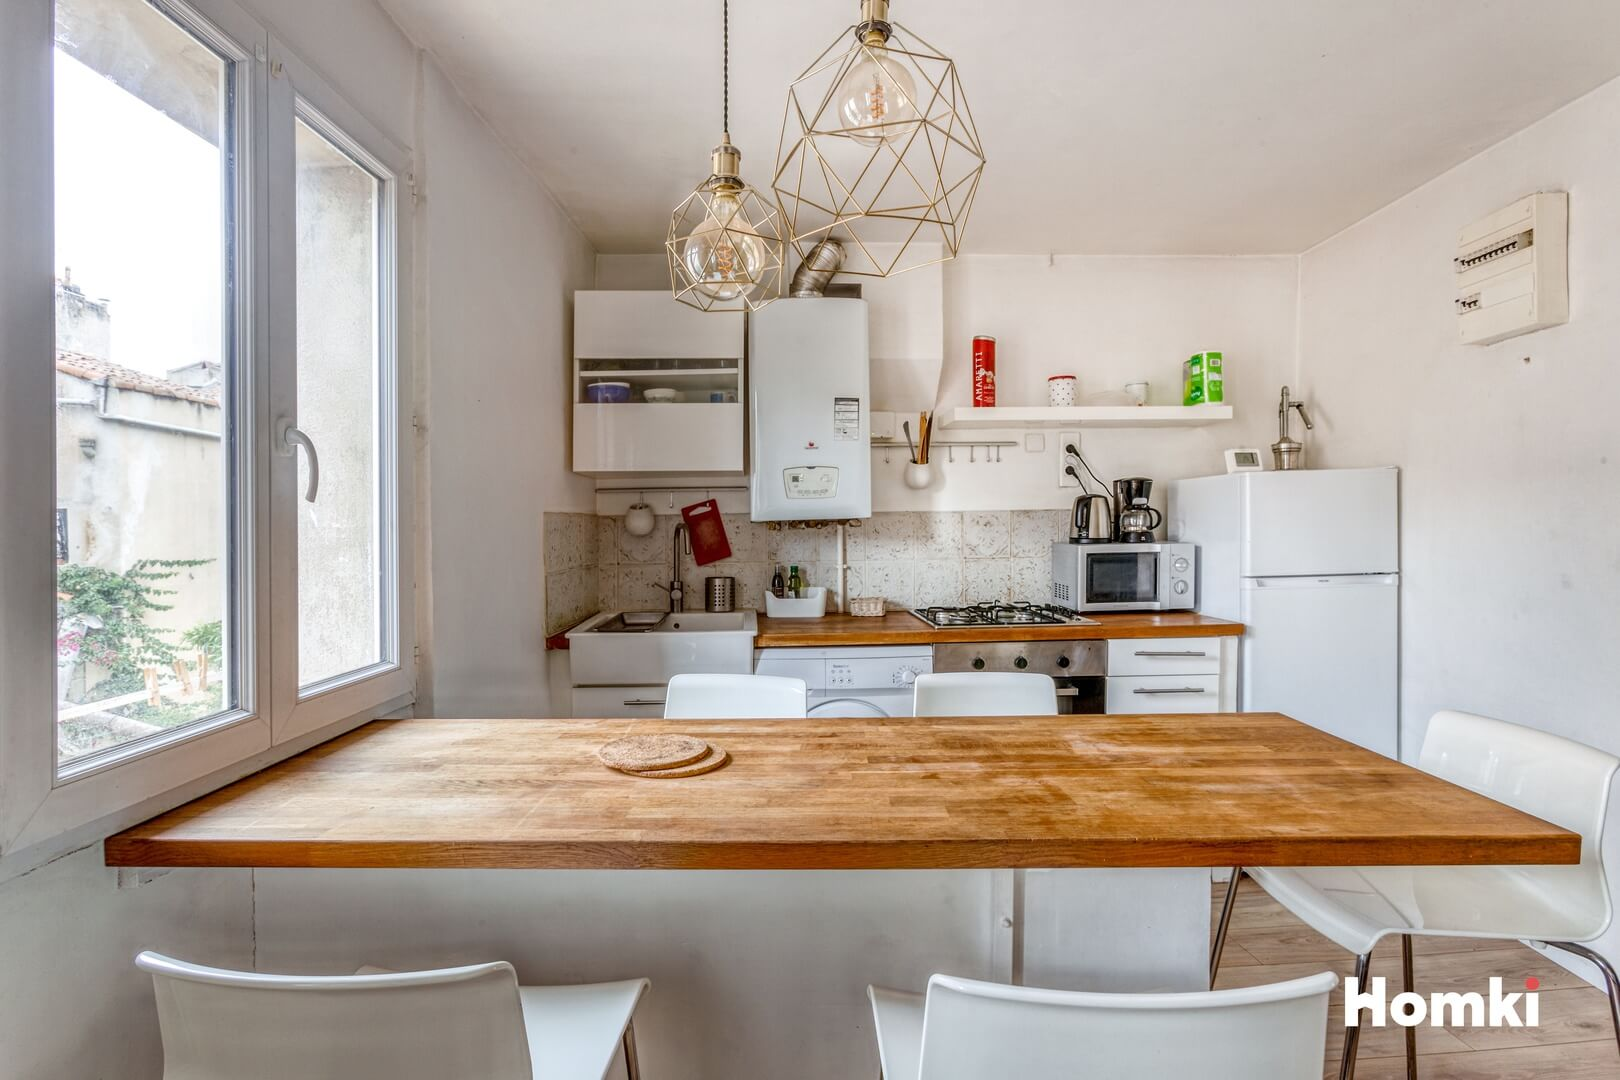 Homki - Vente Appartement  de 38.0 m² à Marseille 13006